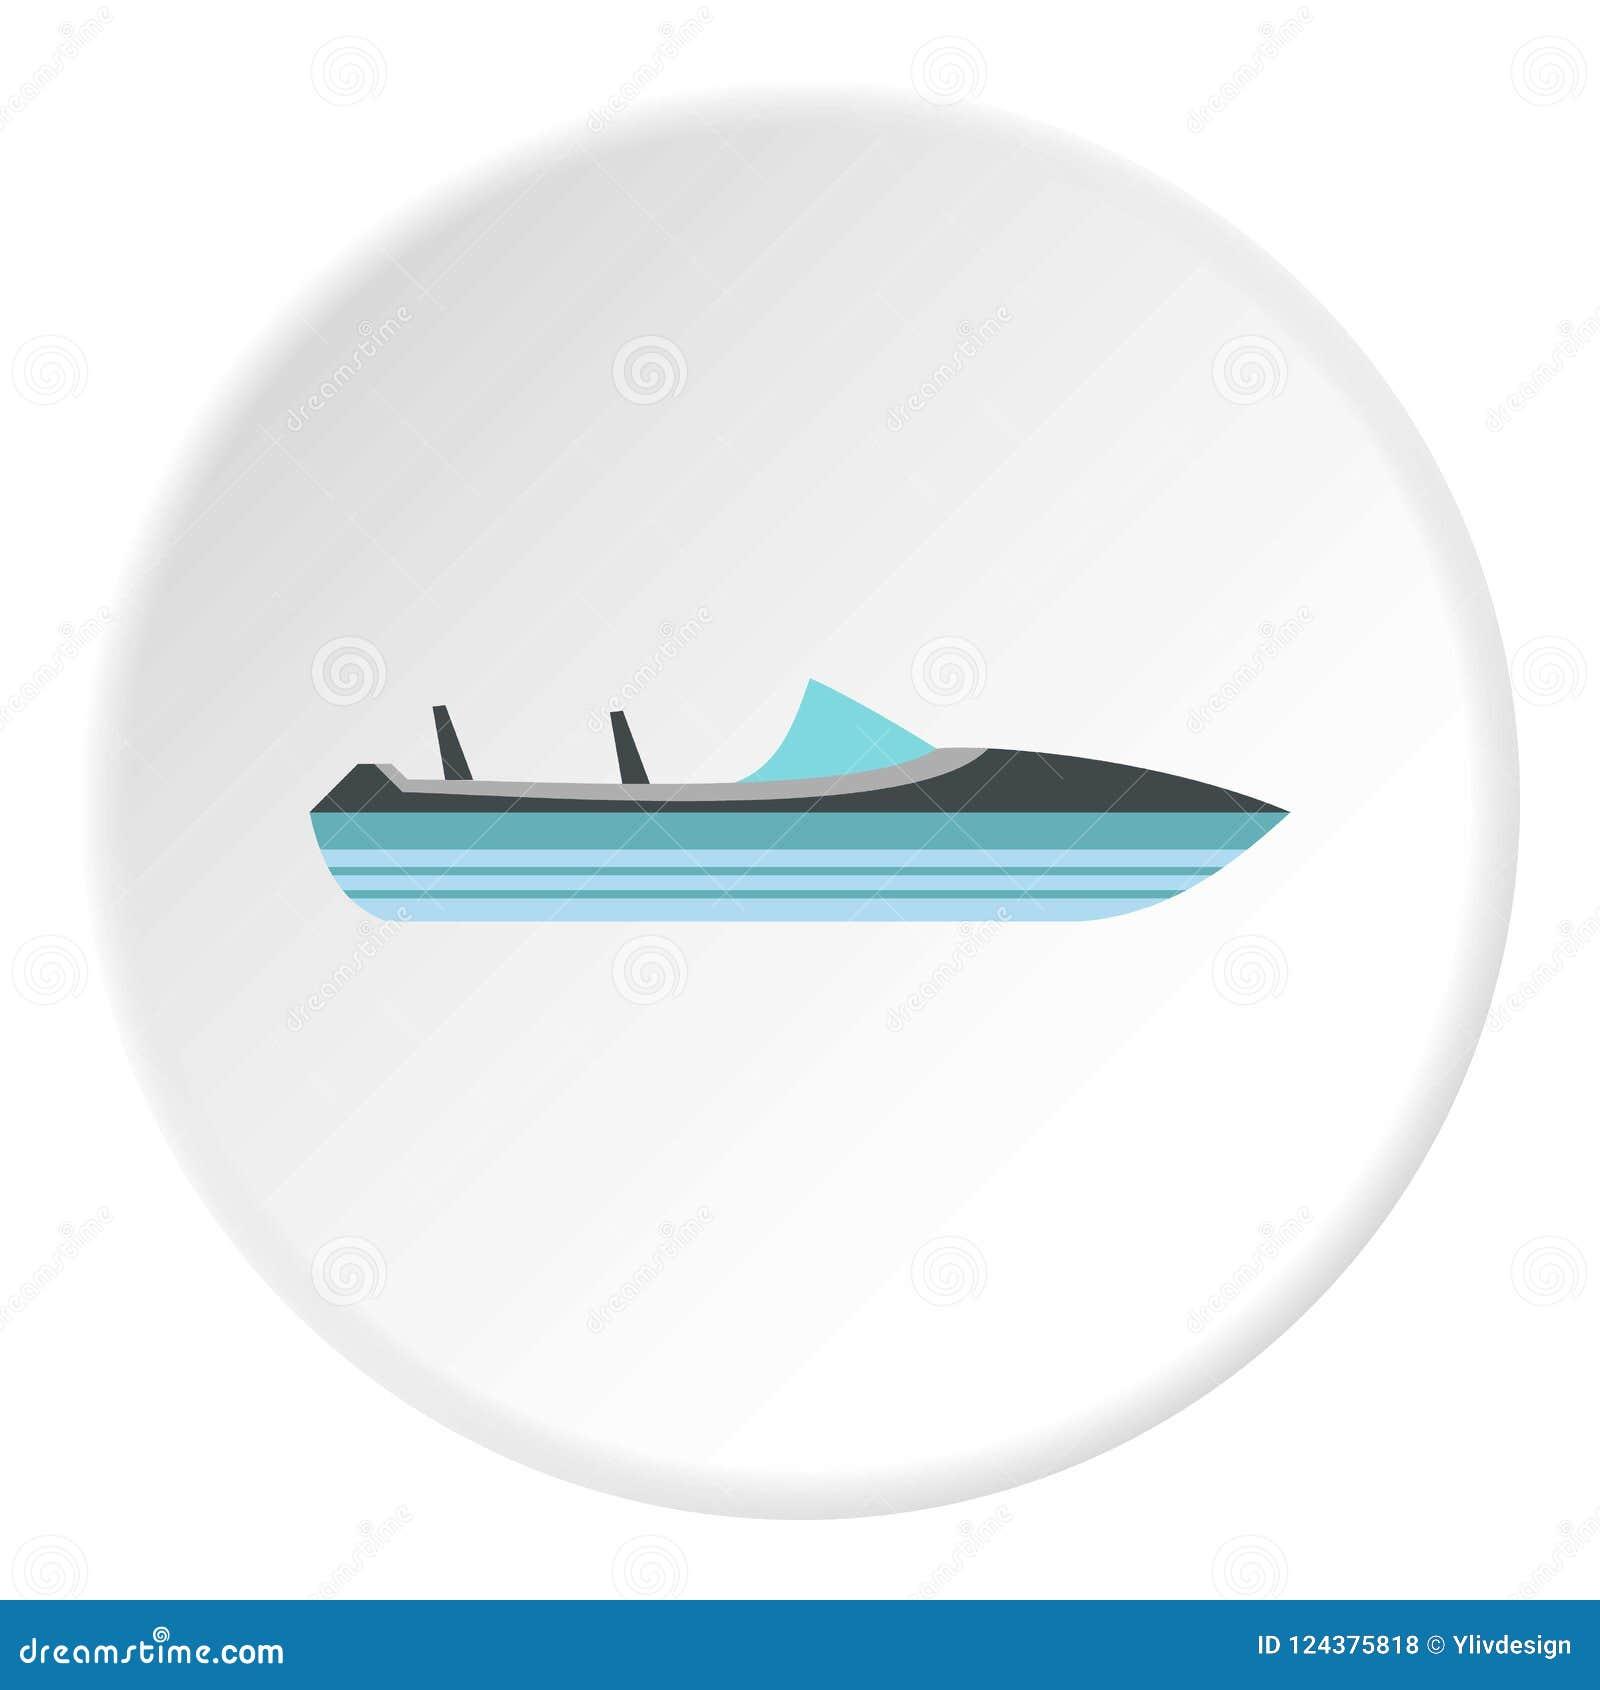 Liten powerboatsymbol, lägenhetstil